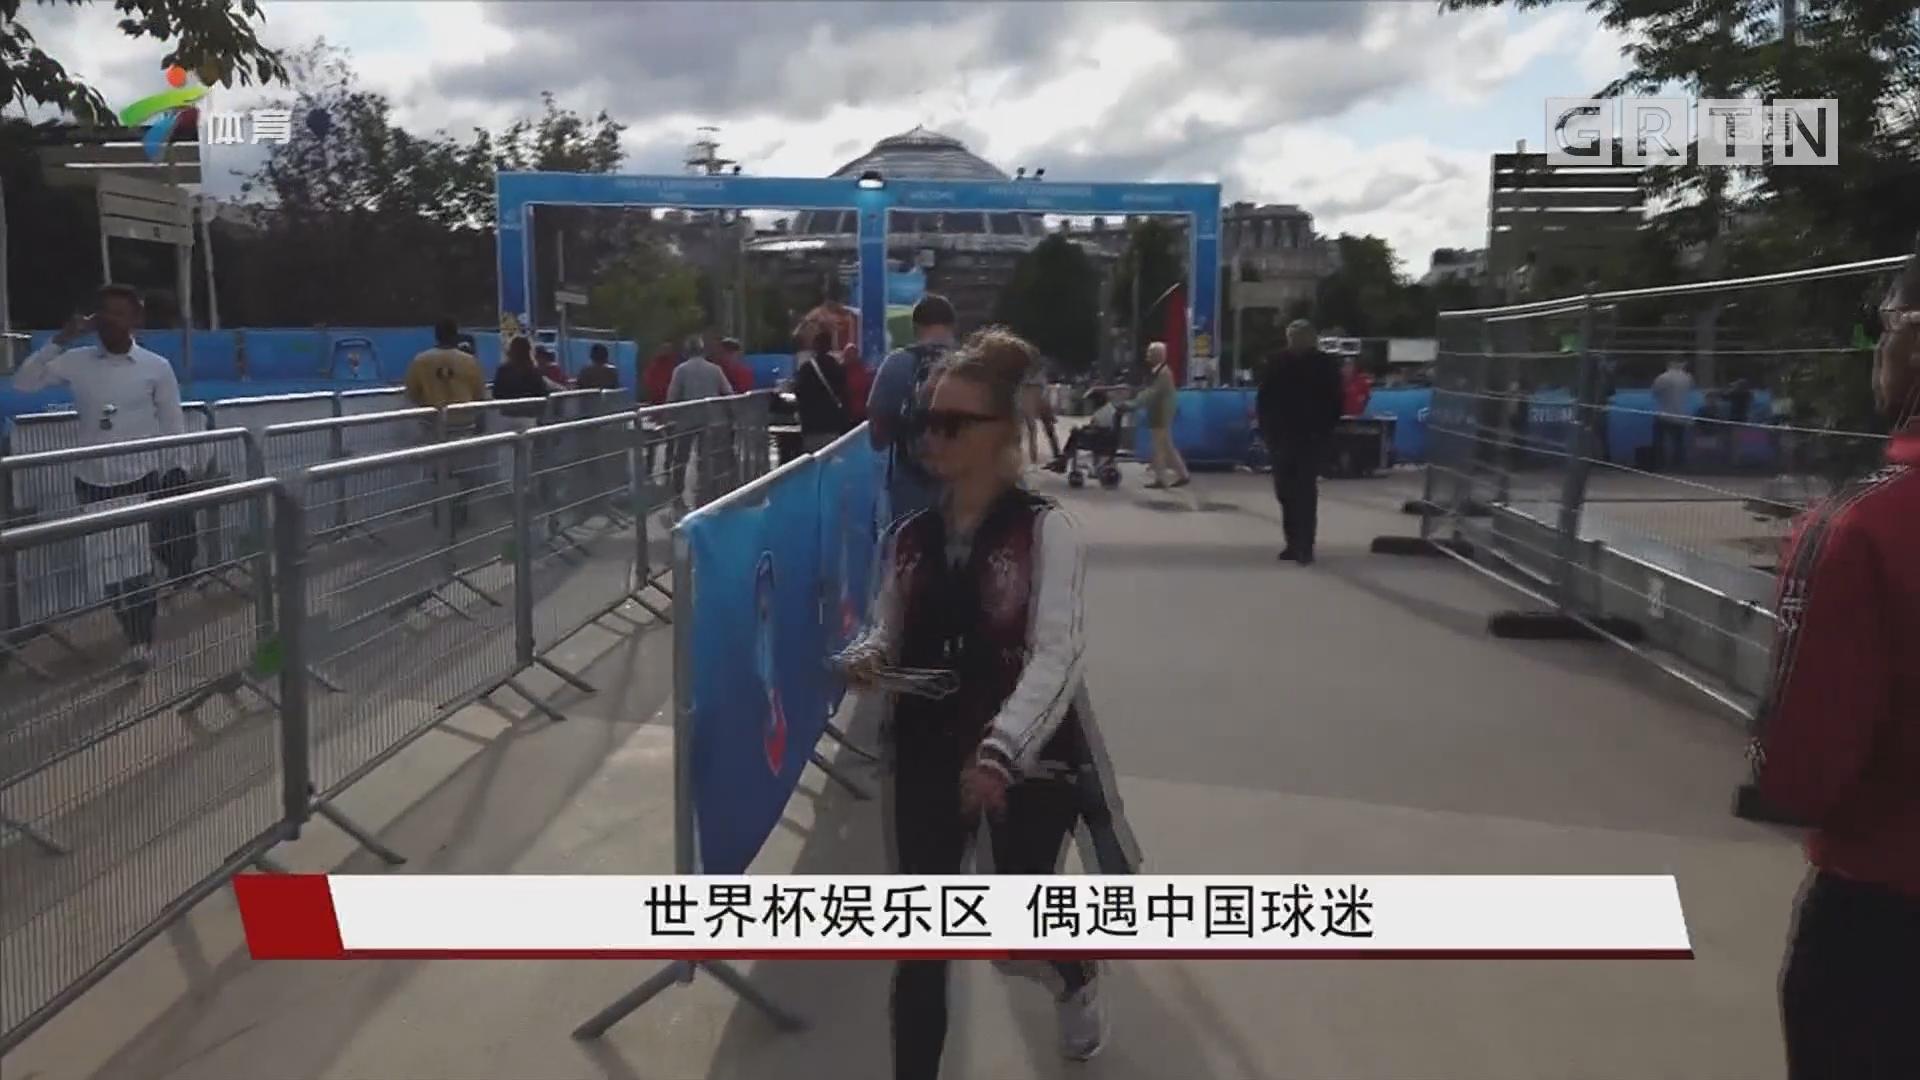 世界杯娱乐区 偶遇中国球迷